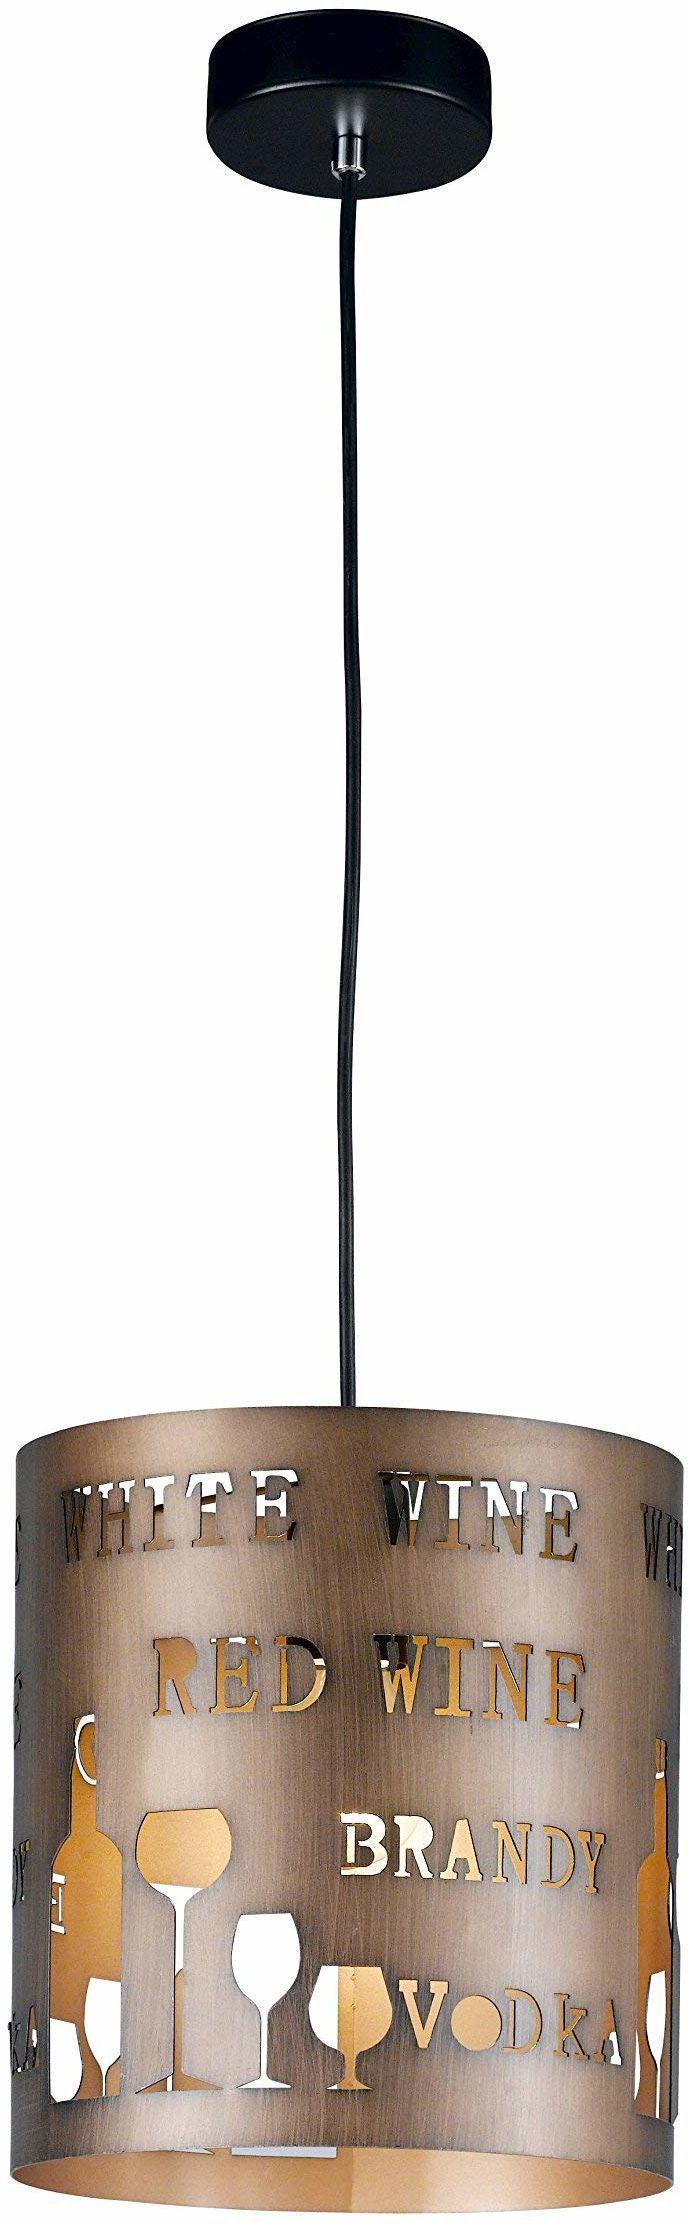 WOFI 6184.01.58.6250, lampa wisząca, metal, 60 W, E27, cappuccino, 23,5 x 23,5 x 25 cm